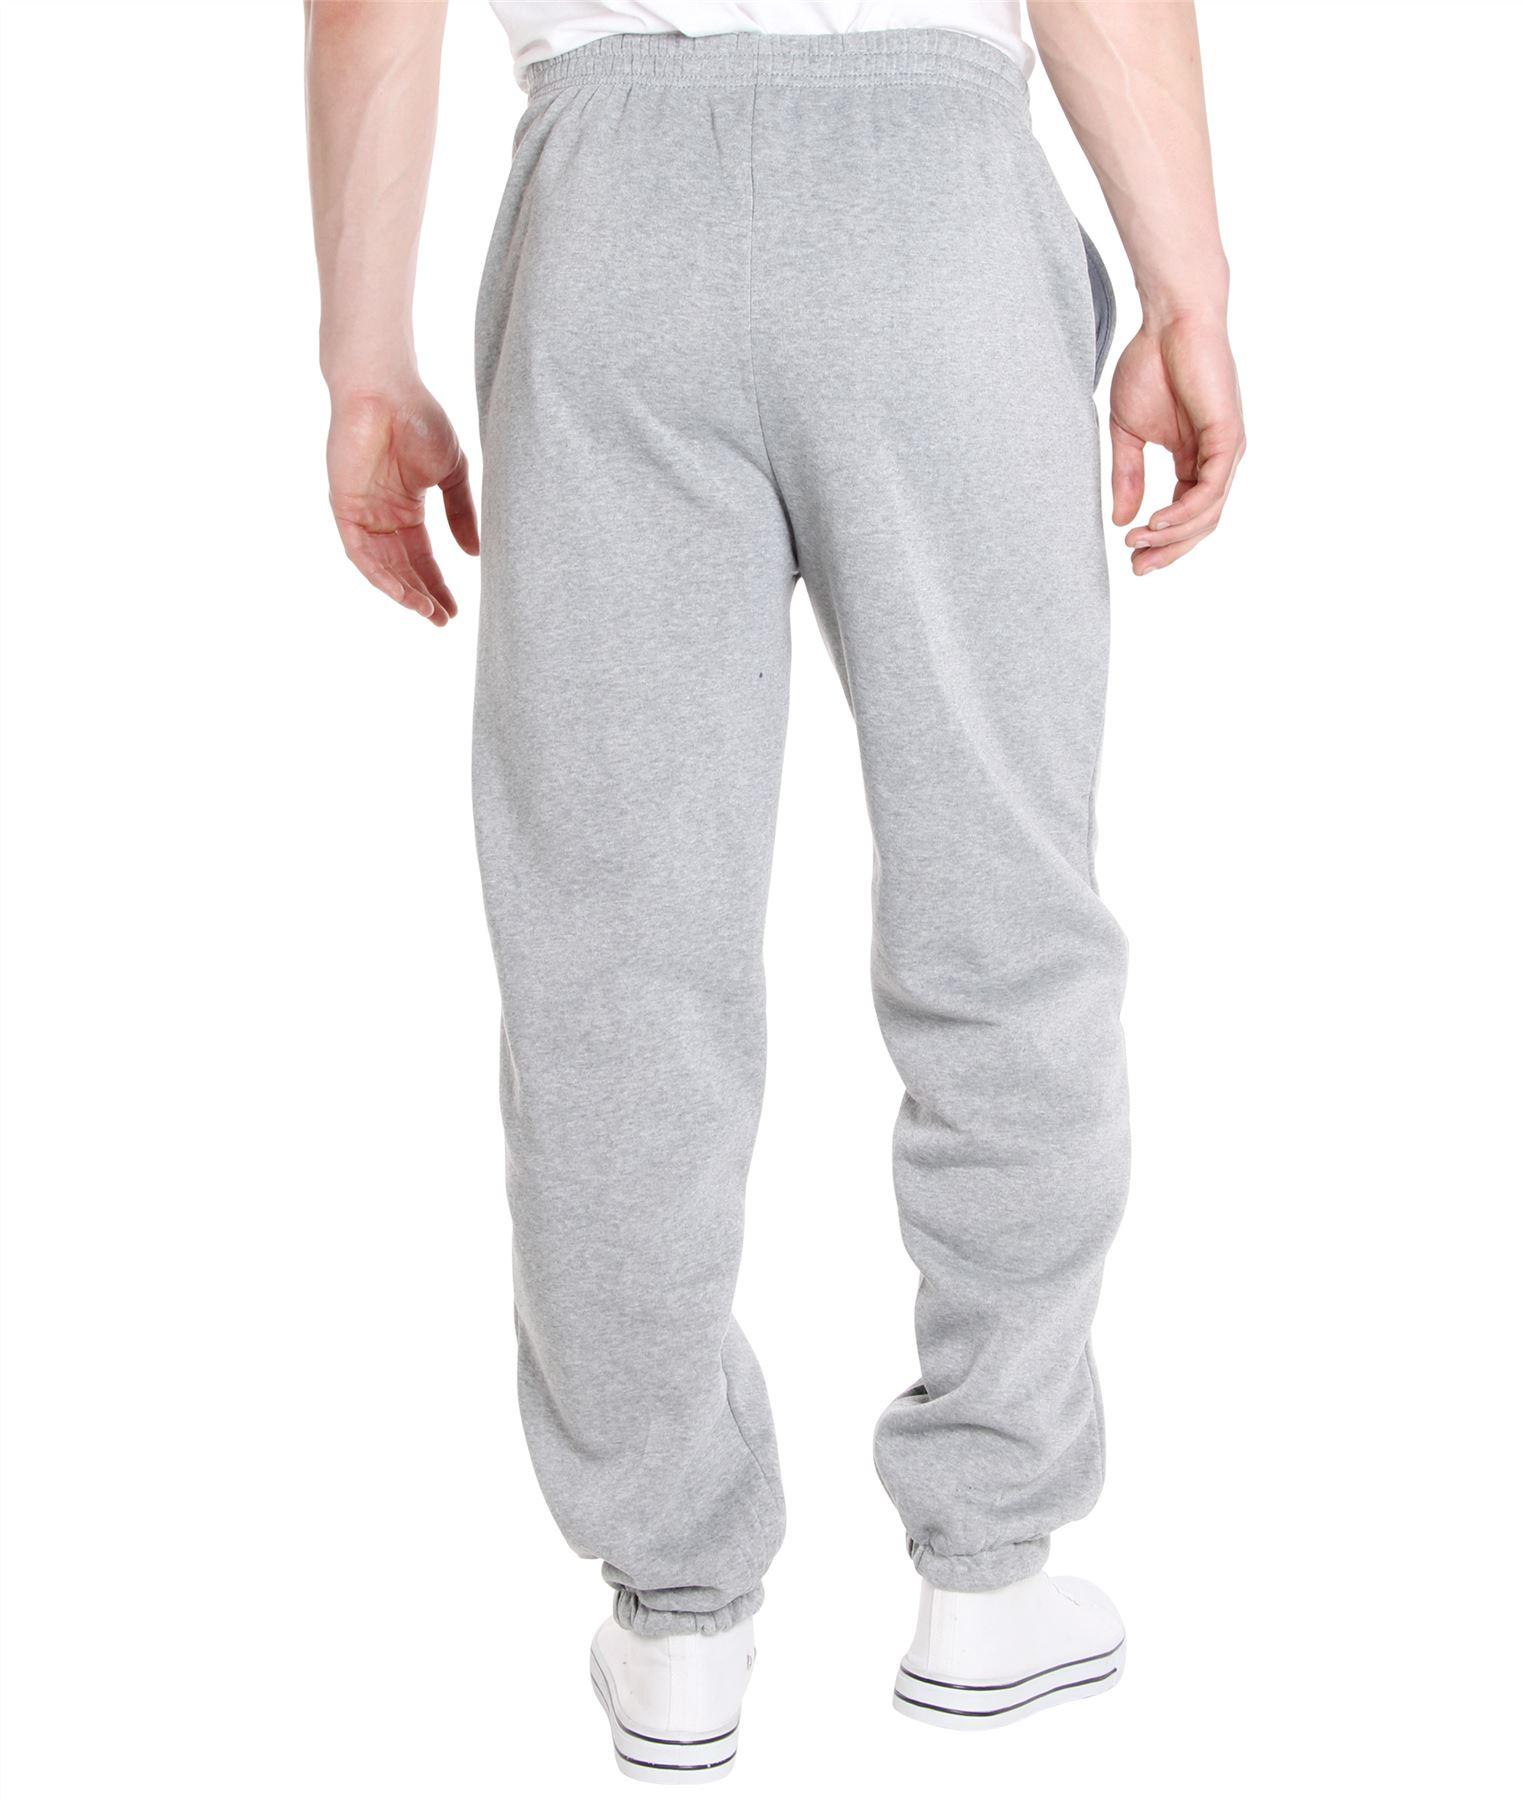 Homme-Pantalon-Double-Polaire-Survetement-Bas-Jogging-Decontracte-Sport-Gym miniature 7